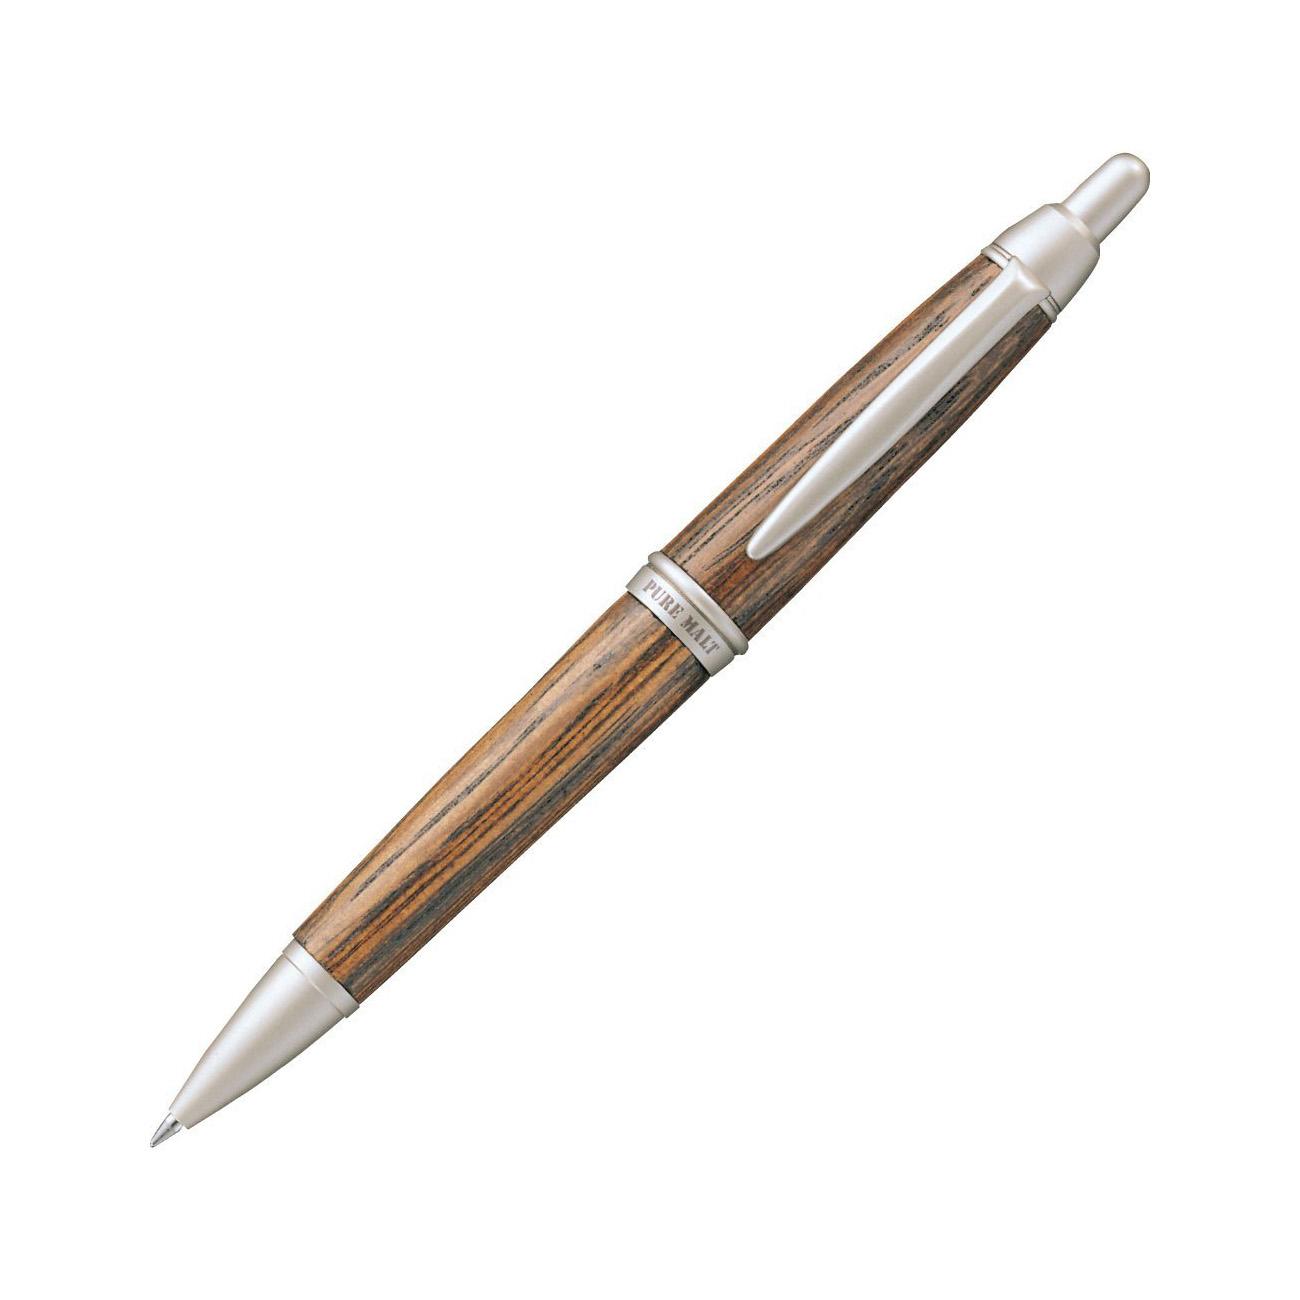 三菱鉛筆 ボールペン ピュアモルト SS1015.22 ダークブラウン